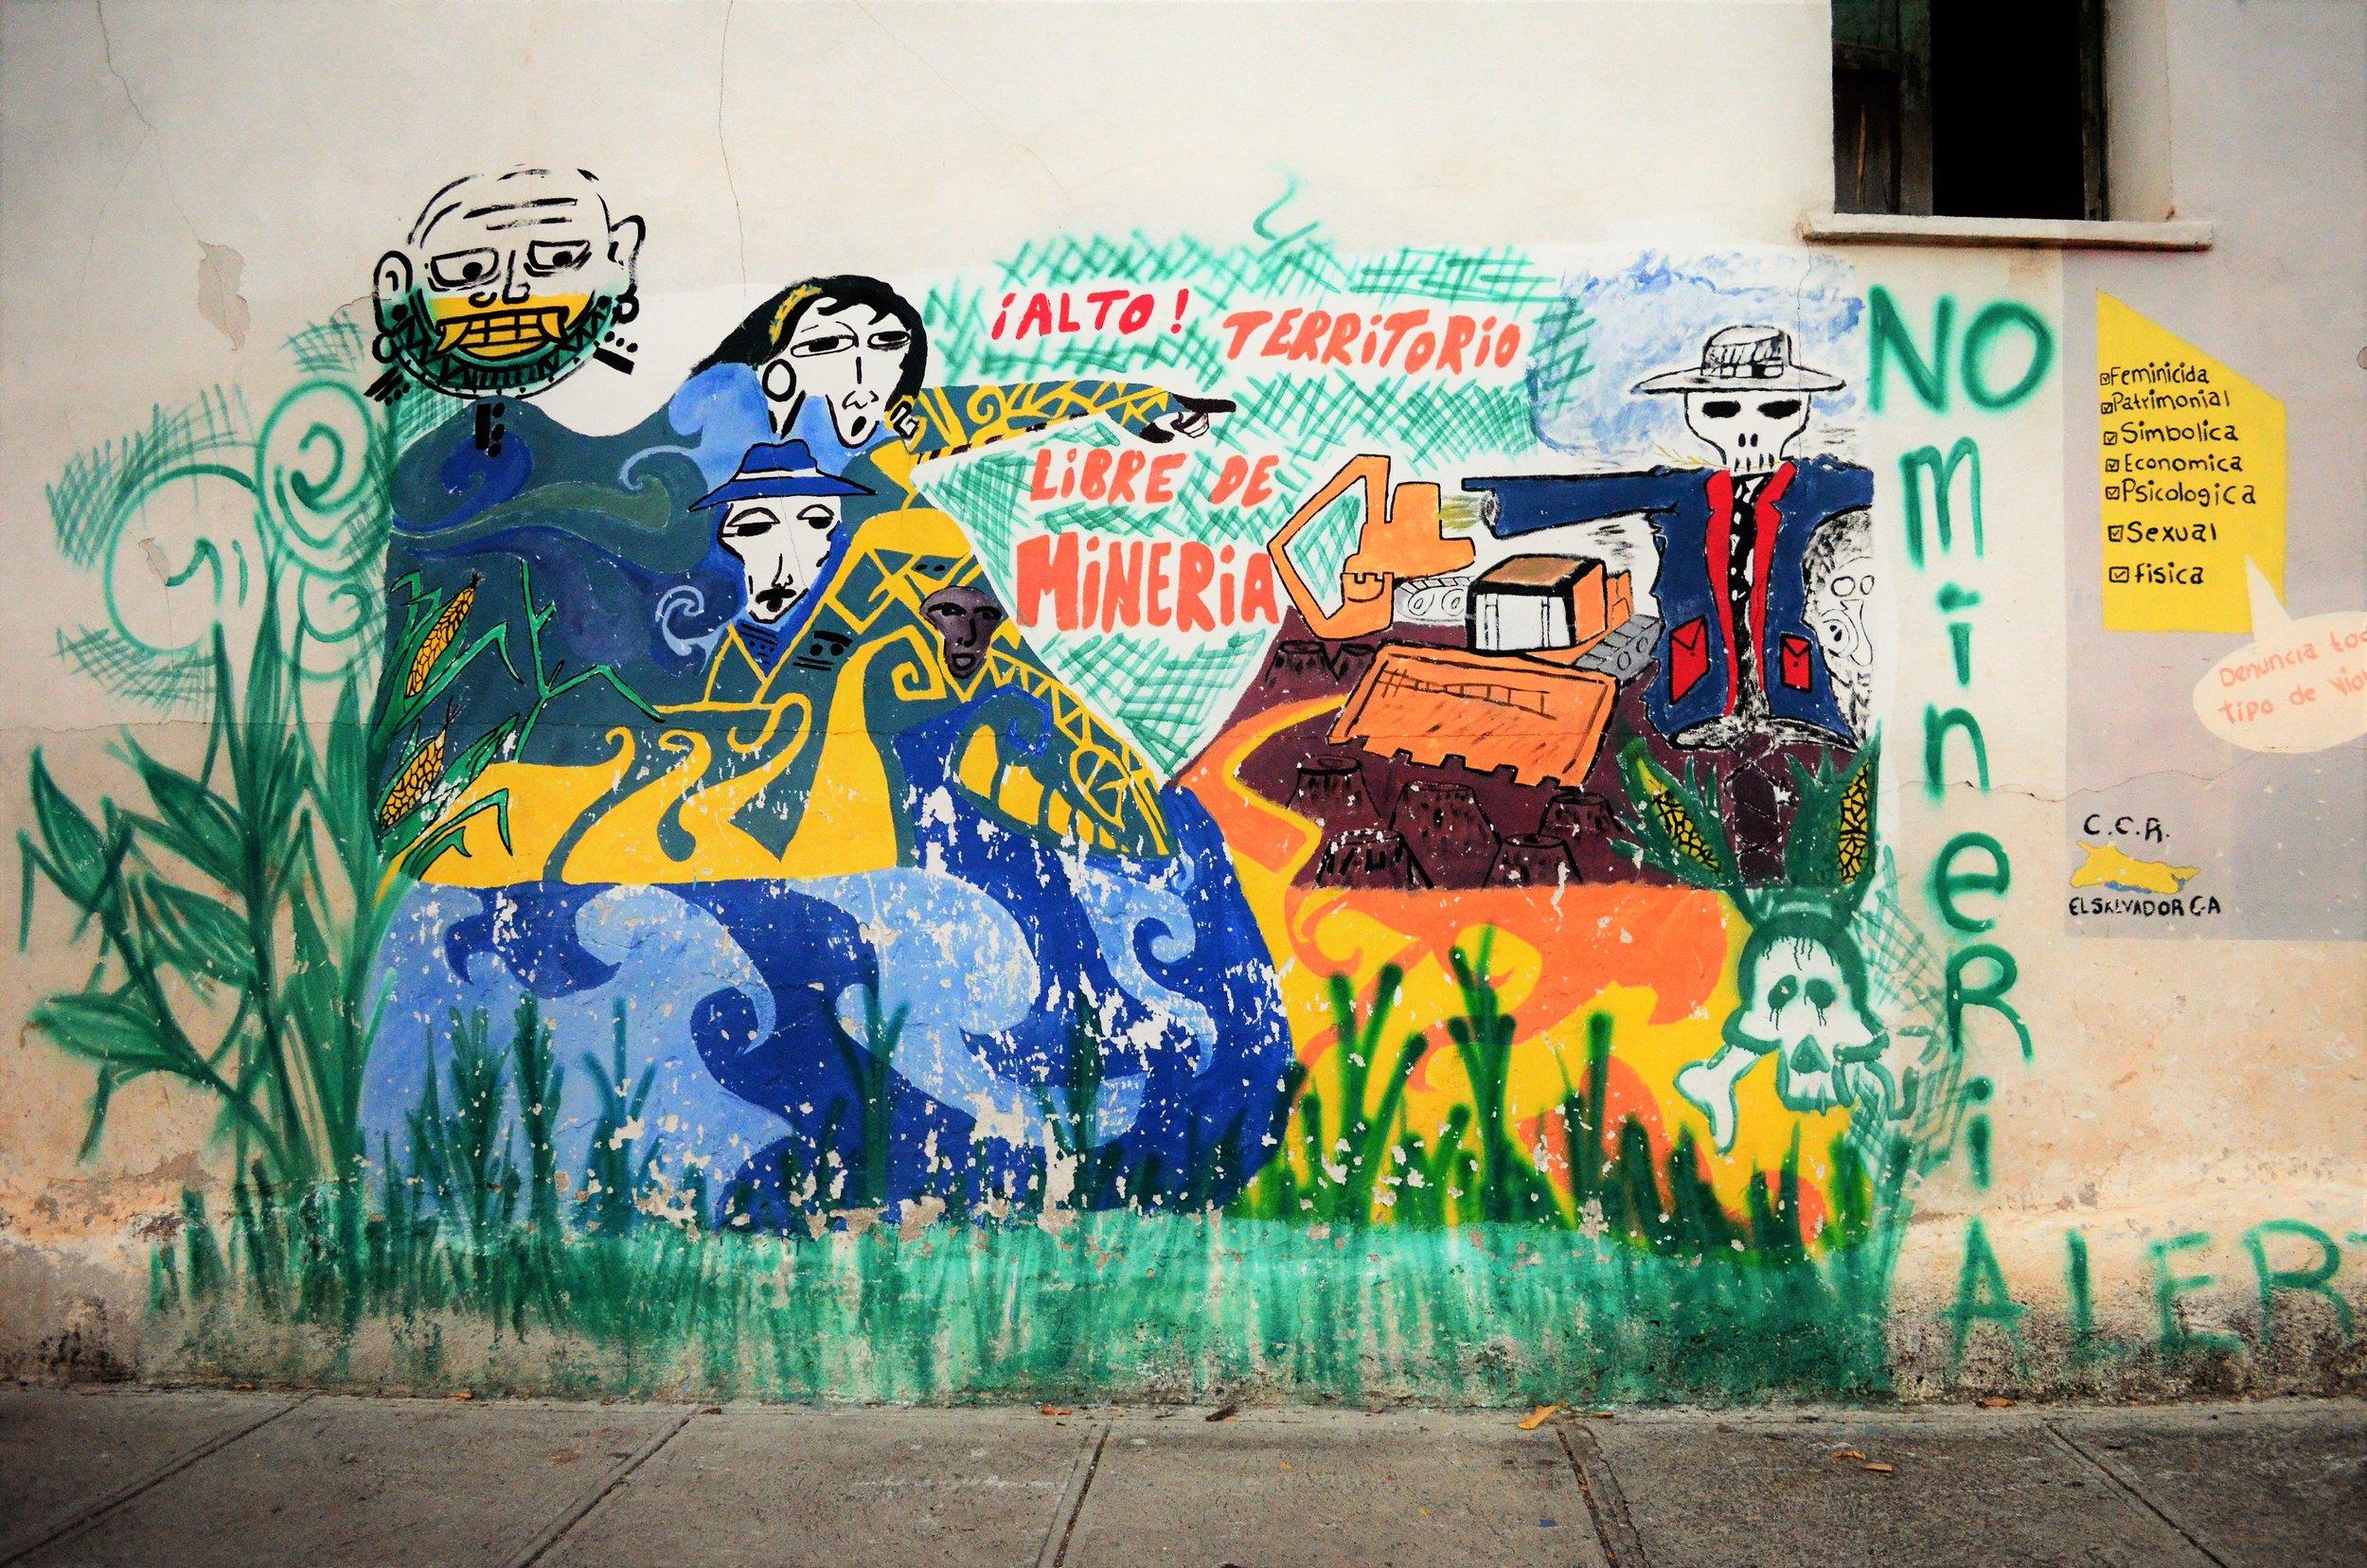 Murales como esté en las vecindades de Arcatao demuestran las preocupaciones políticas de la comunidad, como la lucha contra la minería en el area. Foto: Dalton Anthony.